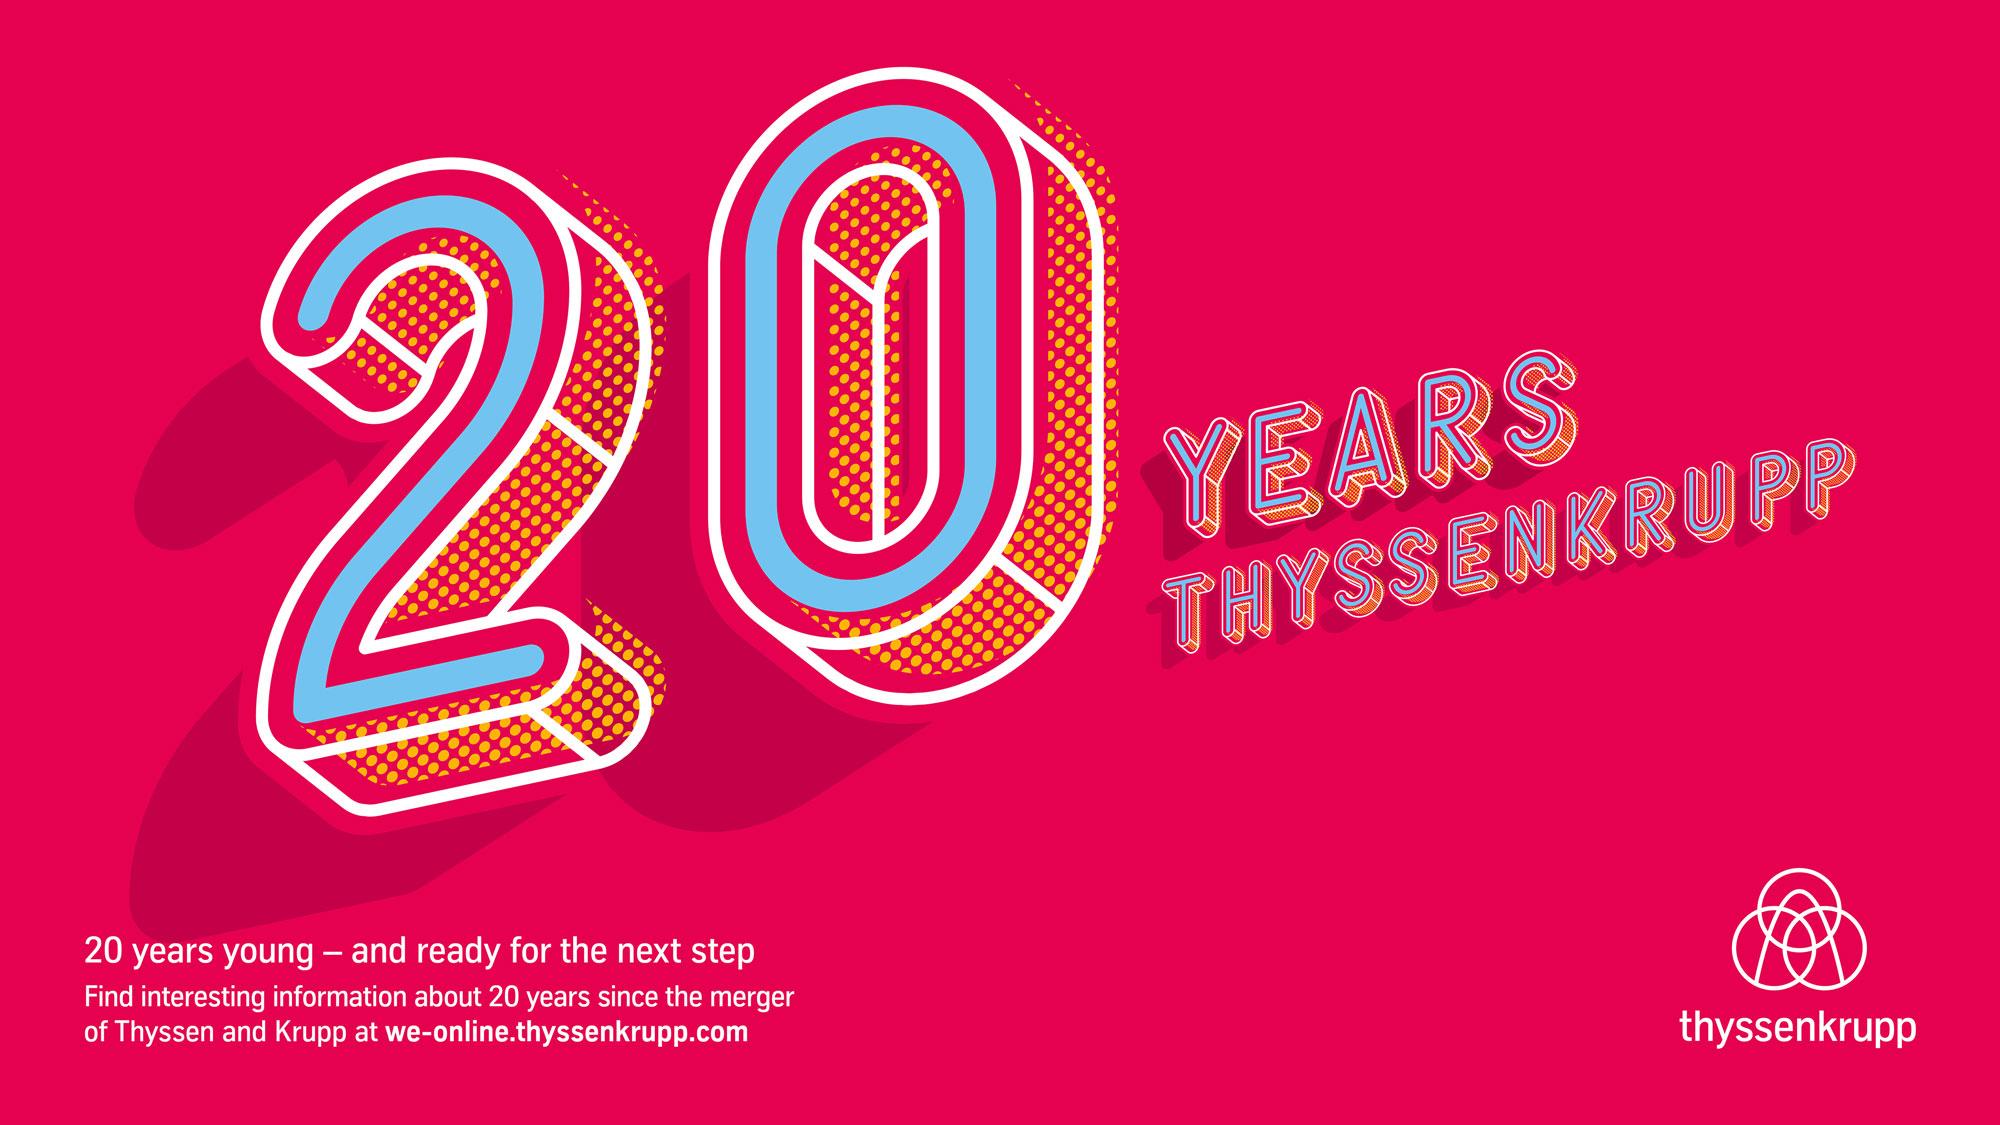 engineered-Artikel über das Jubiläumsjahr der Fusion von Thyssen und Krupp